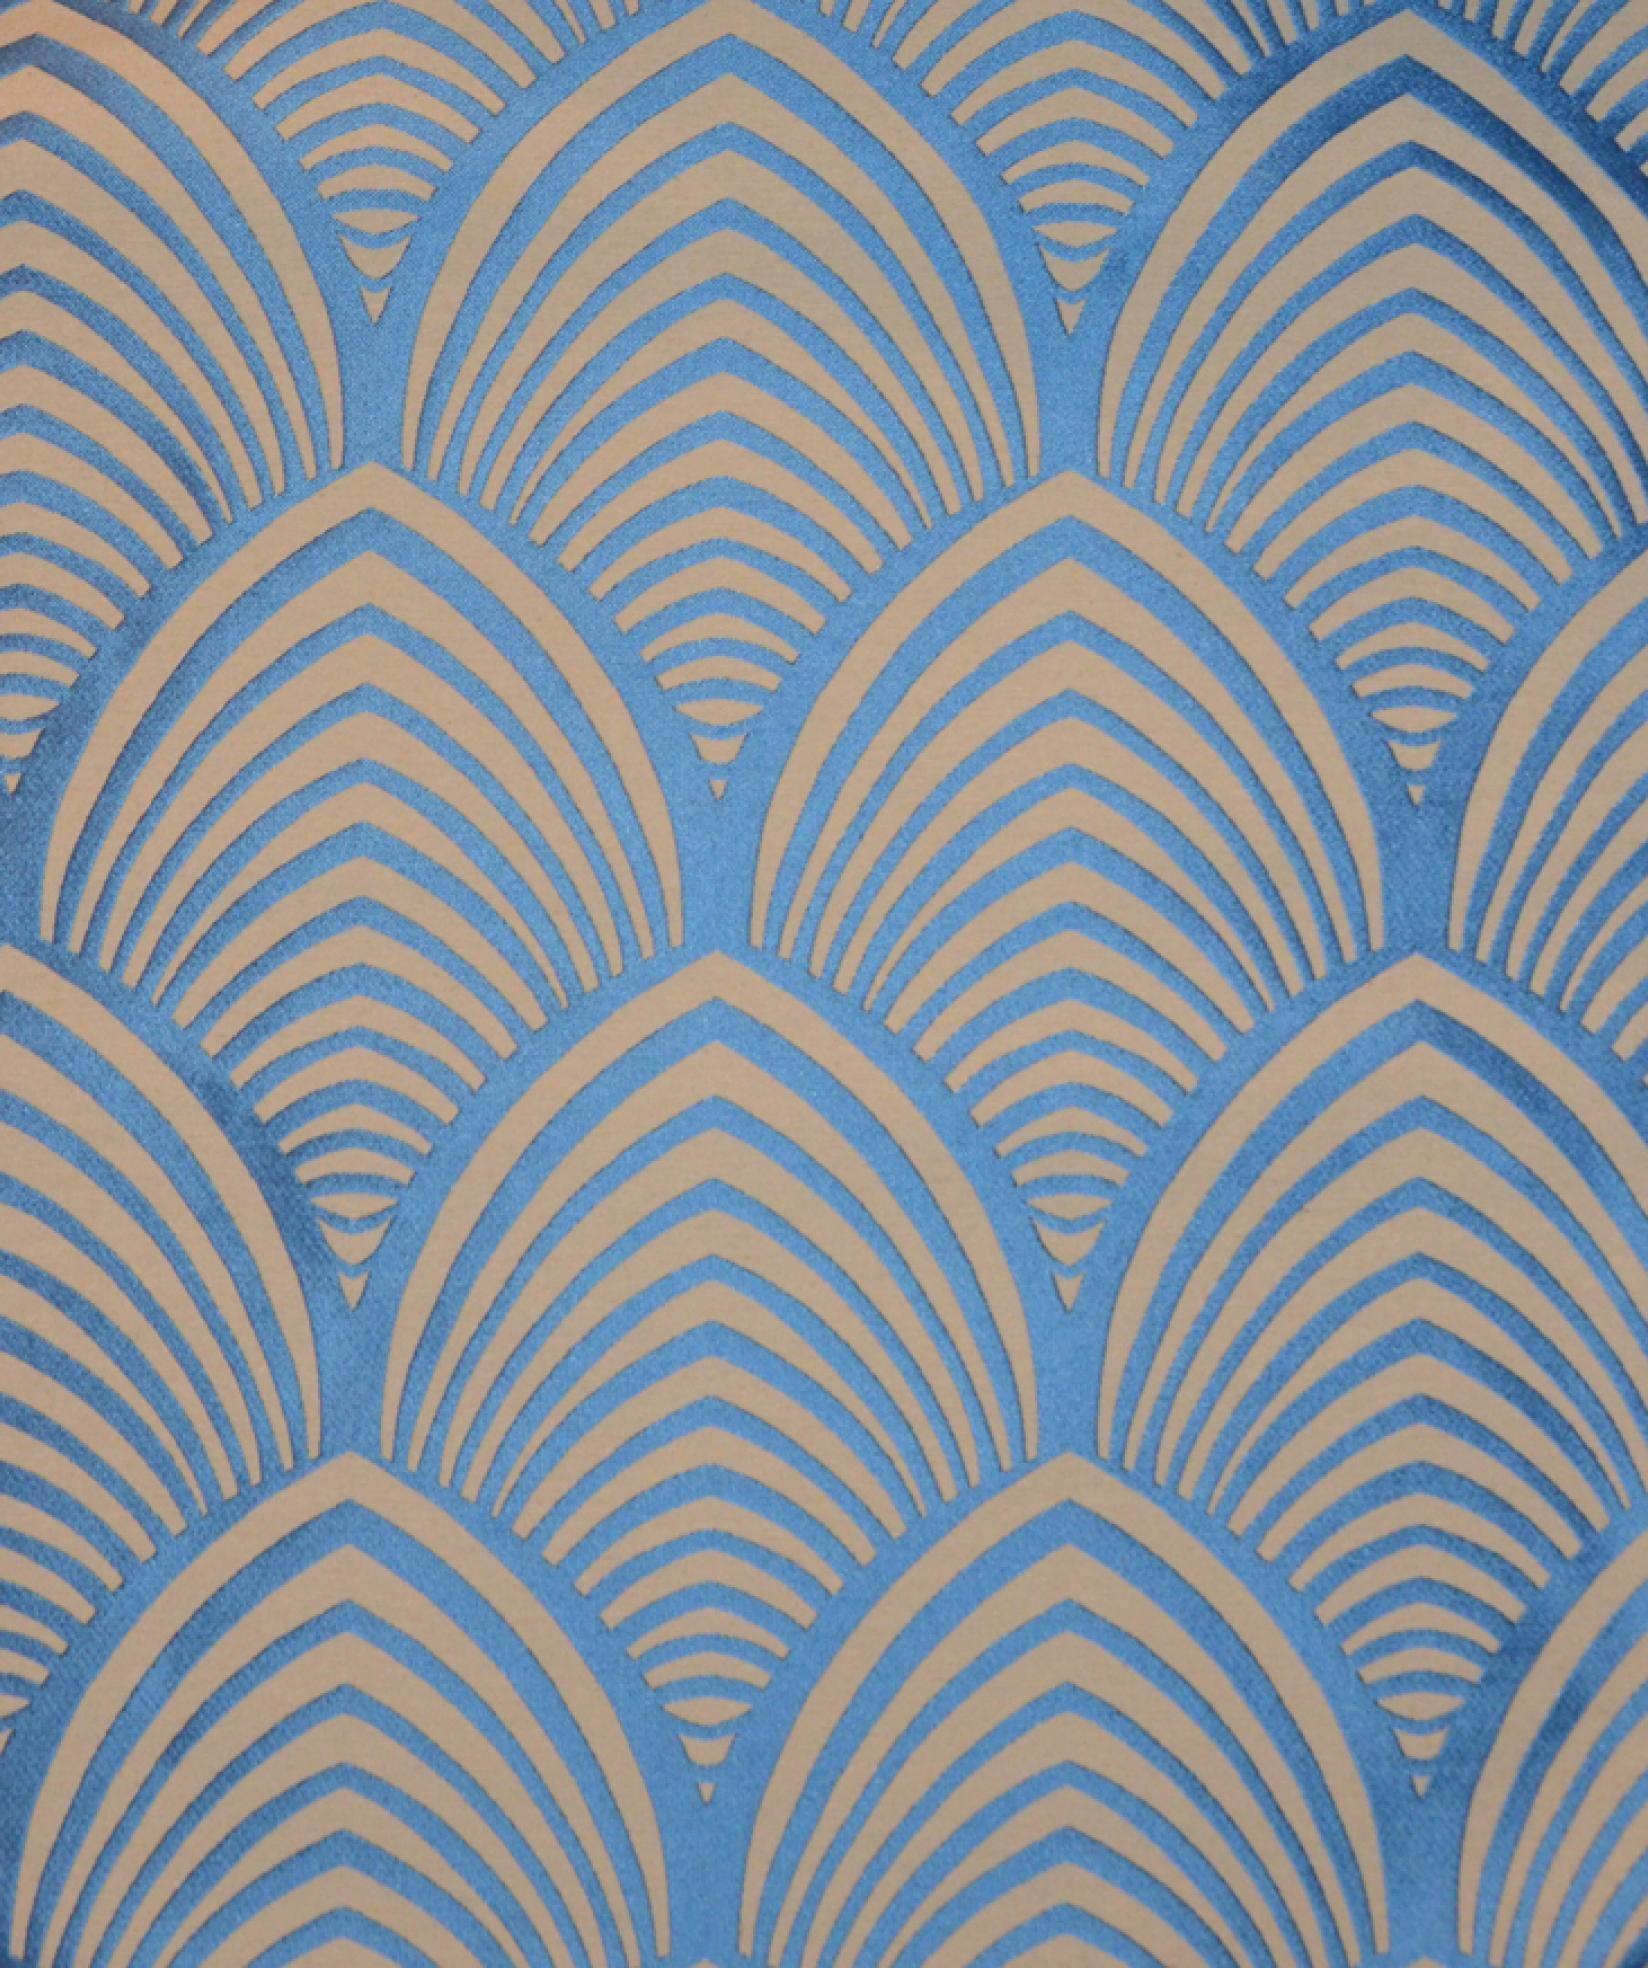 Edo Bleu Thevenon 1908 Fantasie Motivi Pinterest Papier